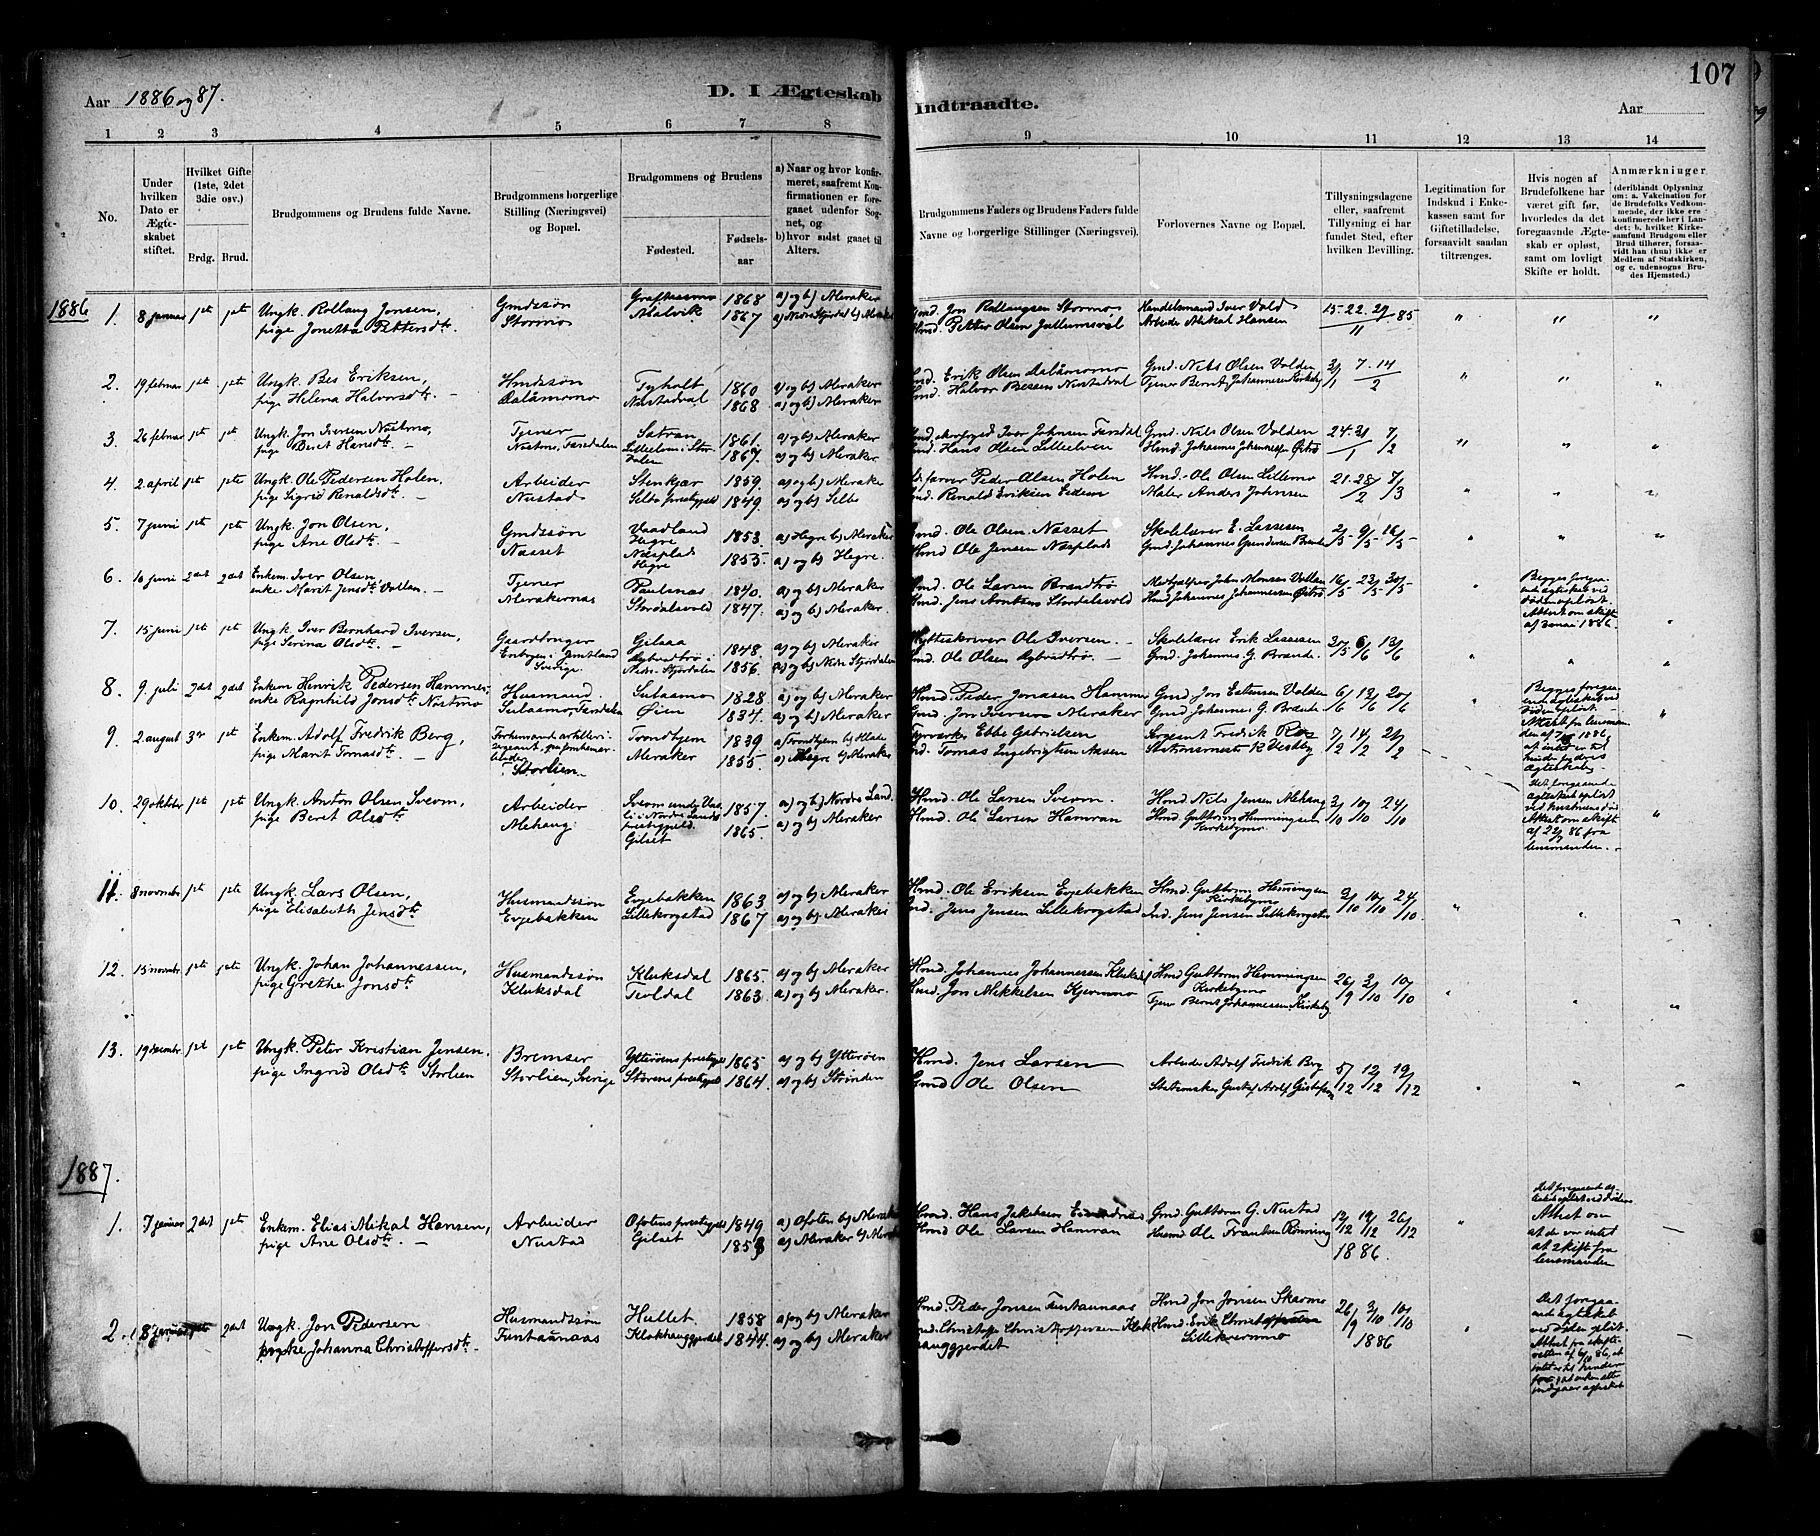 SAT, Ministerialprotokoller, klokkerbøker og fødselsregistre - Nord-Trøndelag, 706/L0047: Parish register (official) no. 706A03, 1878-1892, p. 107